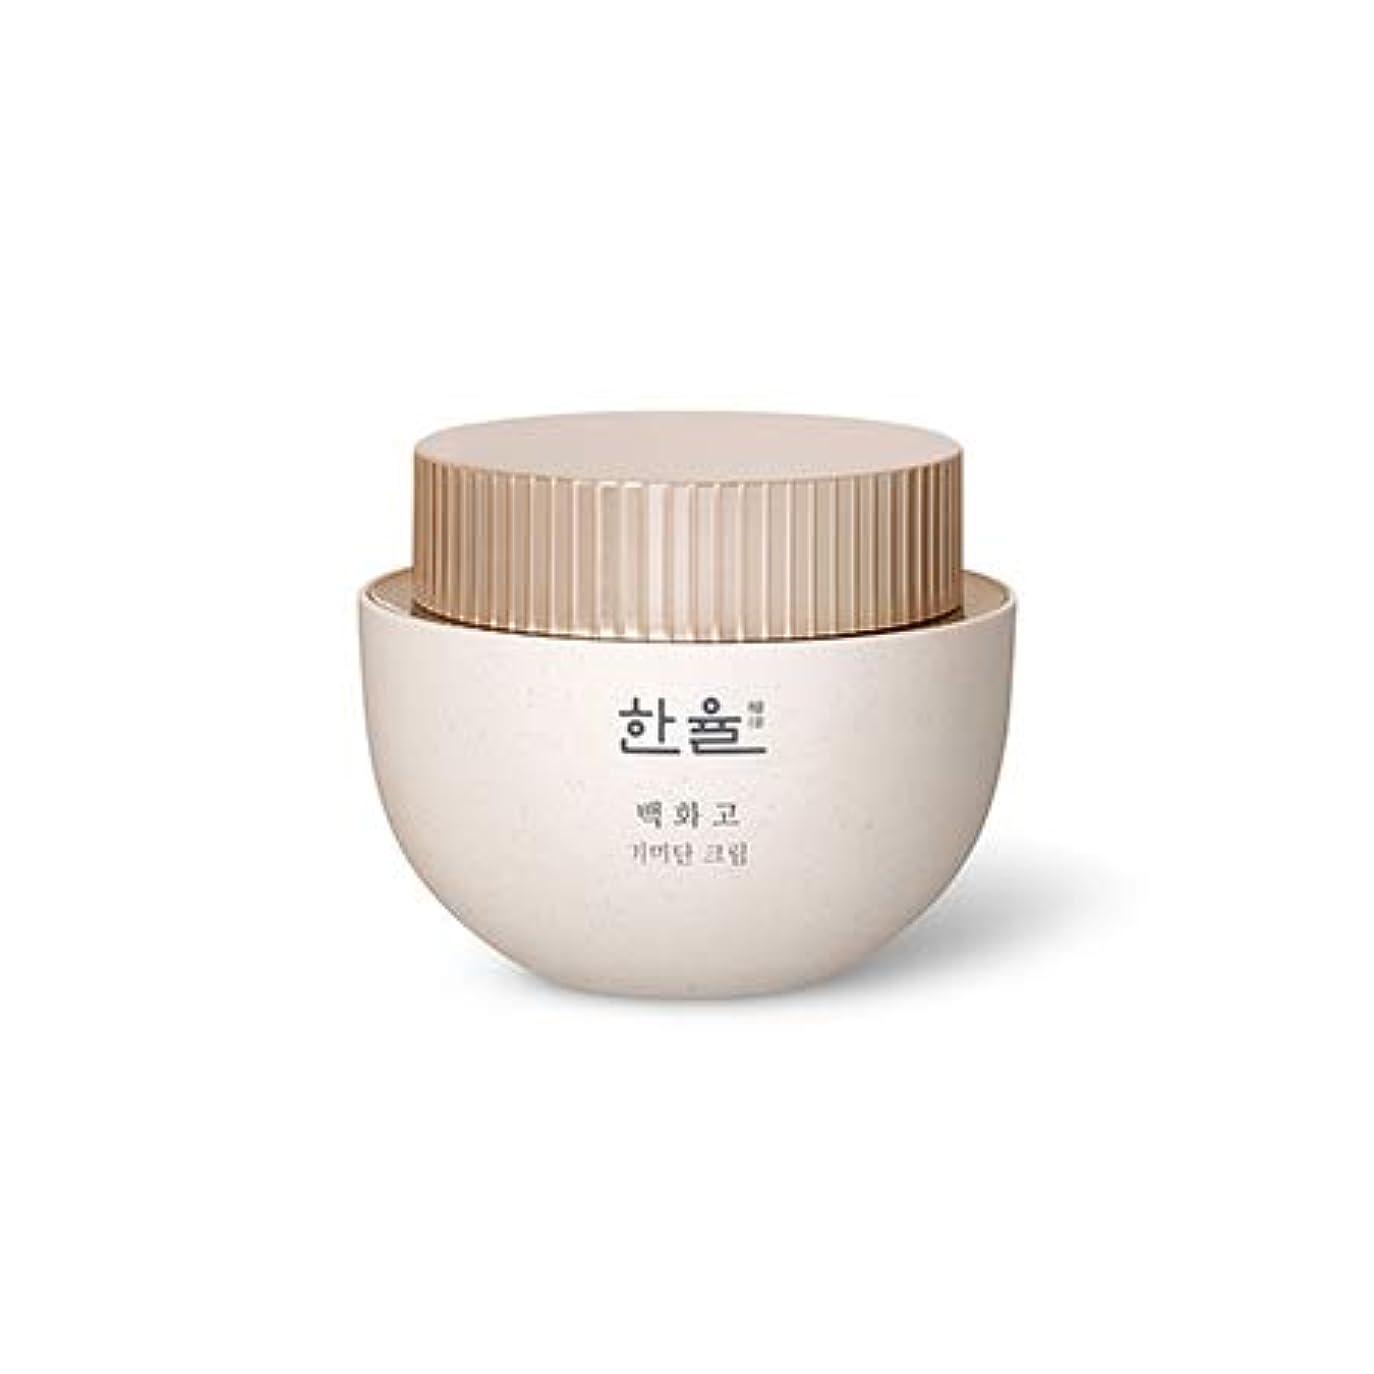 [ハンユル.HANYUL]ベクファゴシミ段クリームHanyul Baek Hwa Goh Anti-Aging Cream(シミ、くすみなどの老化の兆候をケア)